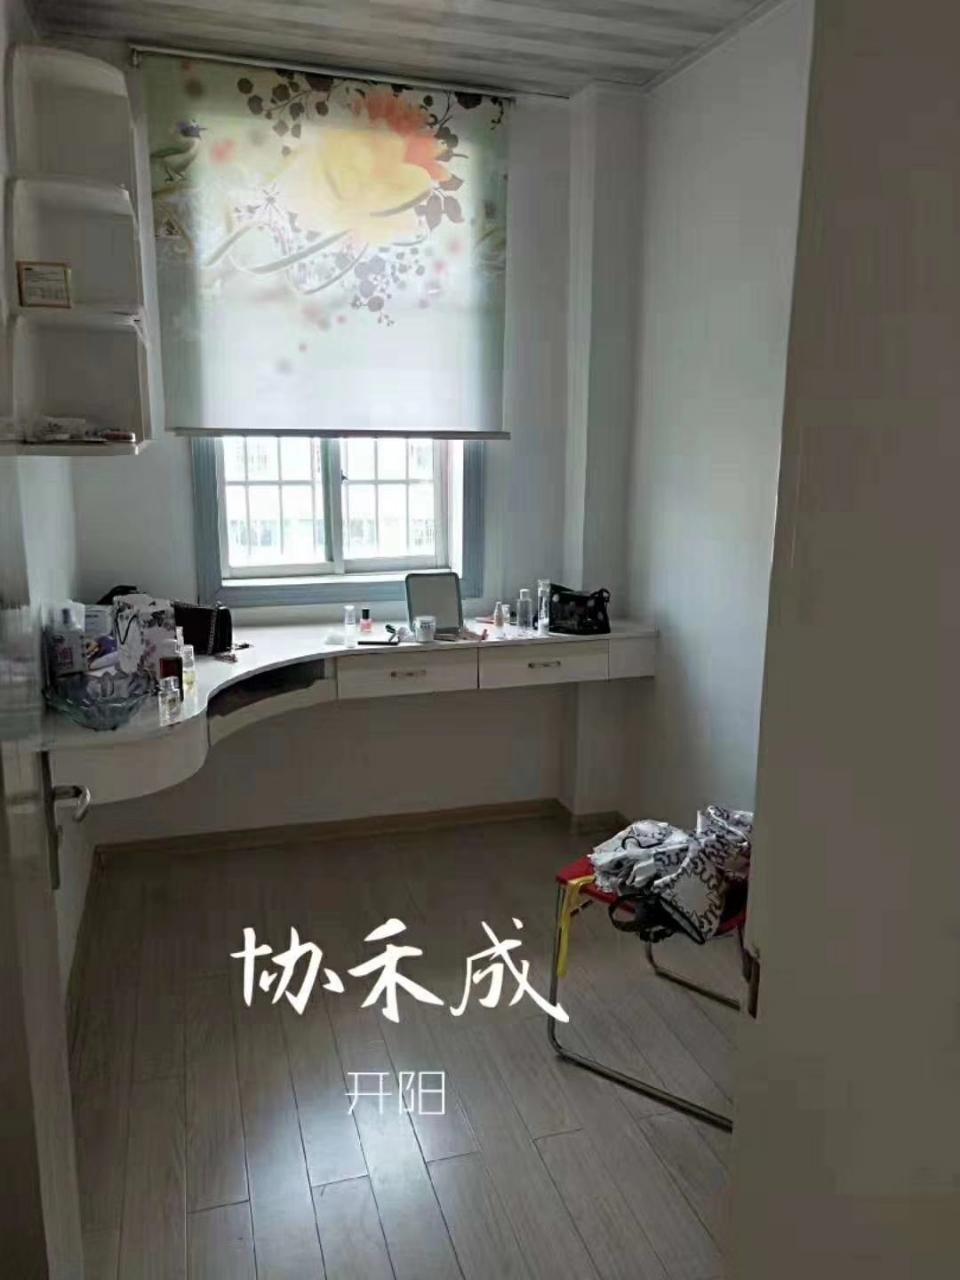 紫江花园3室 2厅 1卫56.8万元